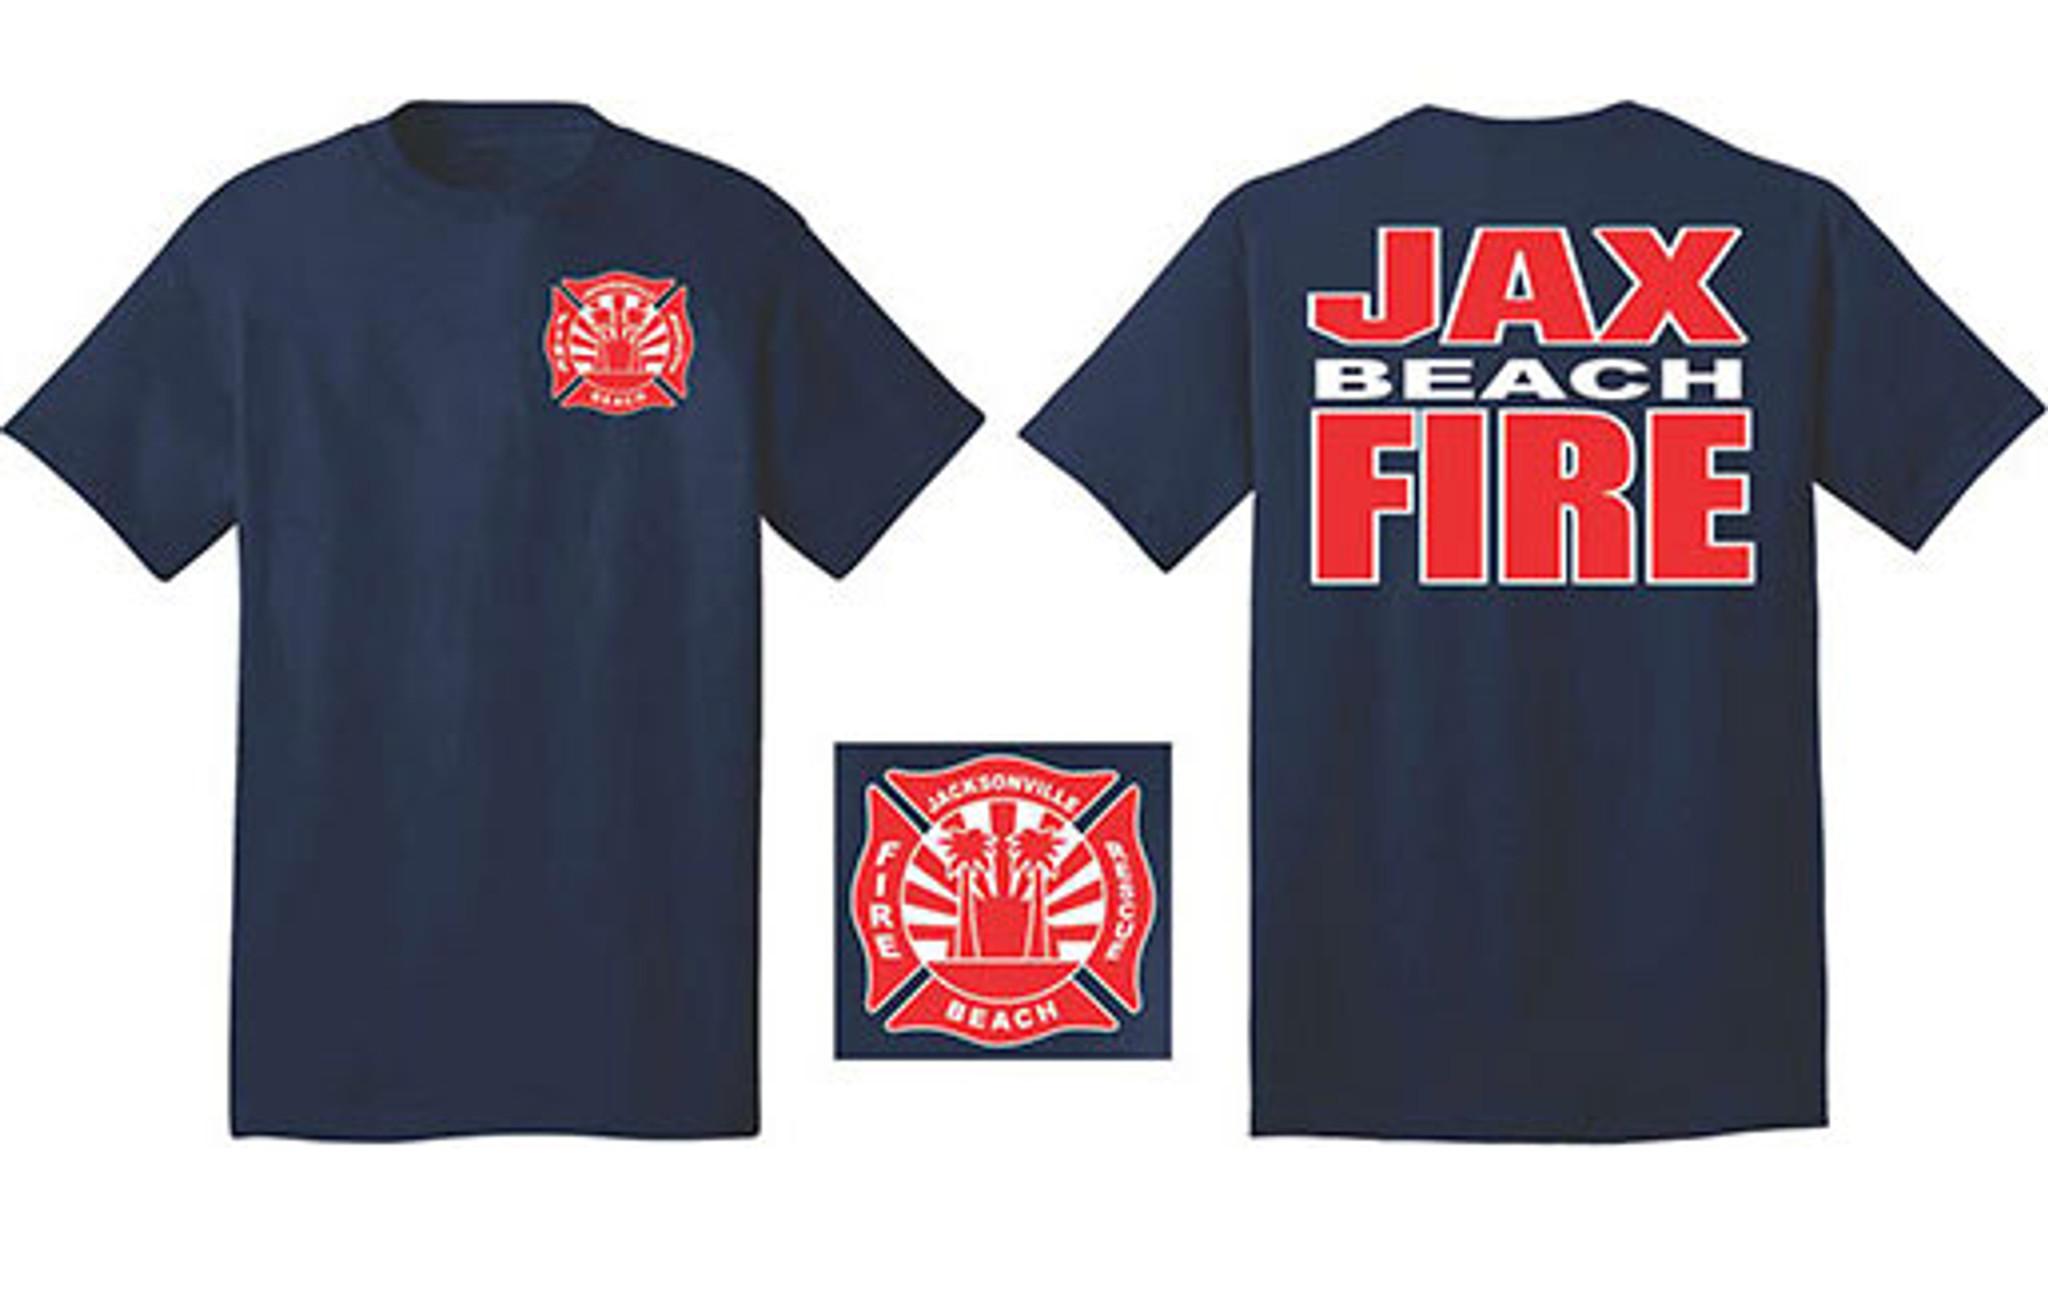 Jacksonville Beach Fire Department Duty T Shirt Navy